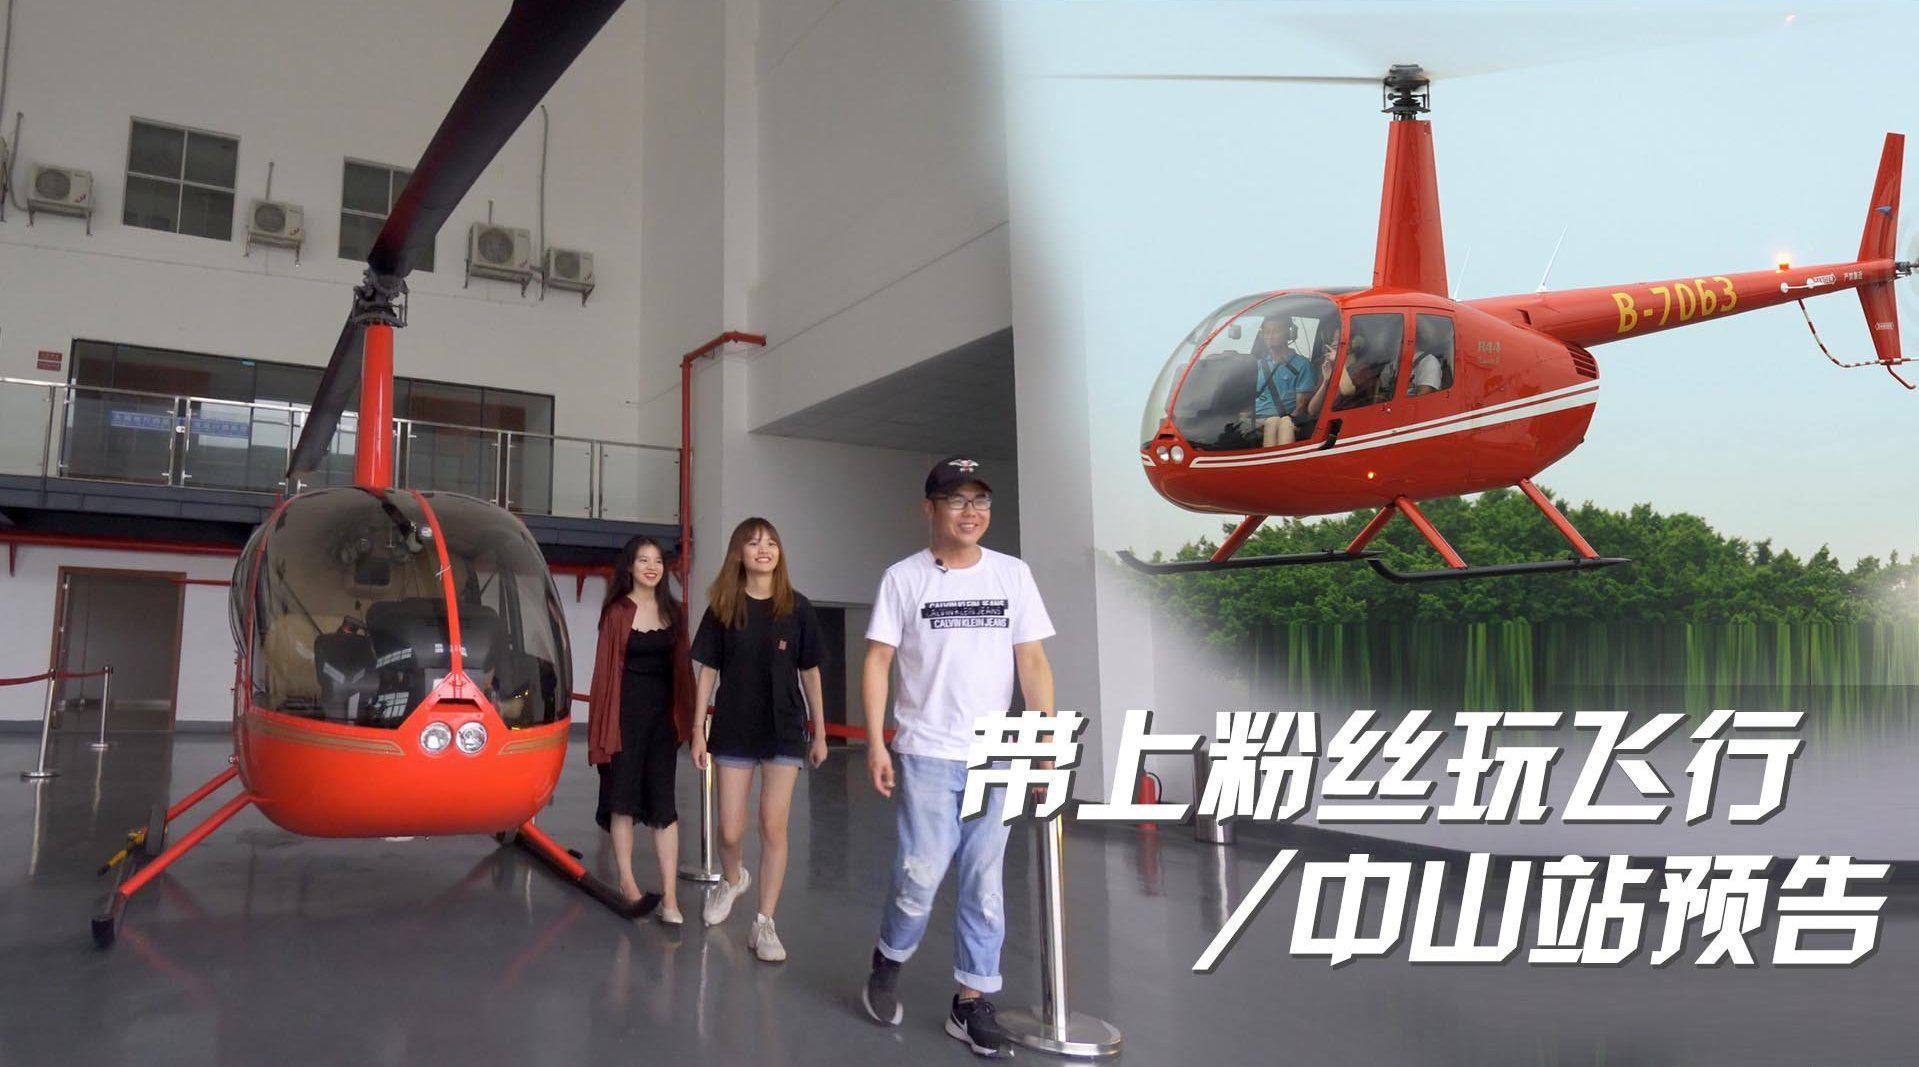 带上粉丝玩飞行/中山站预告!@微博航空